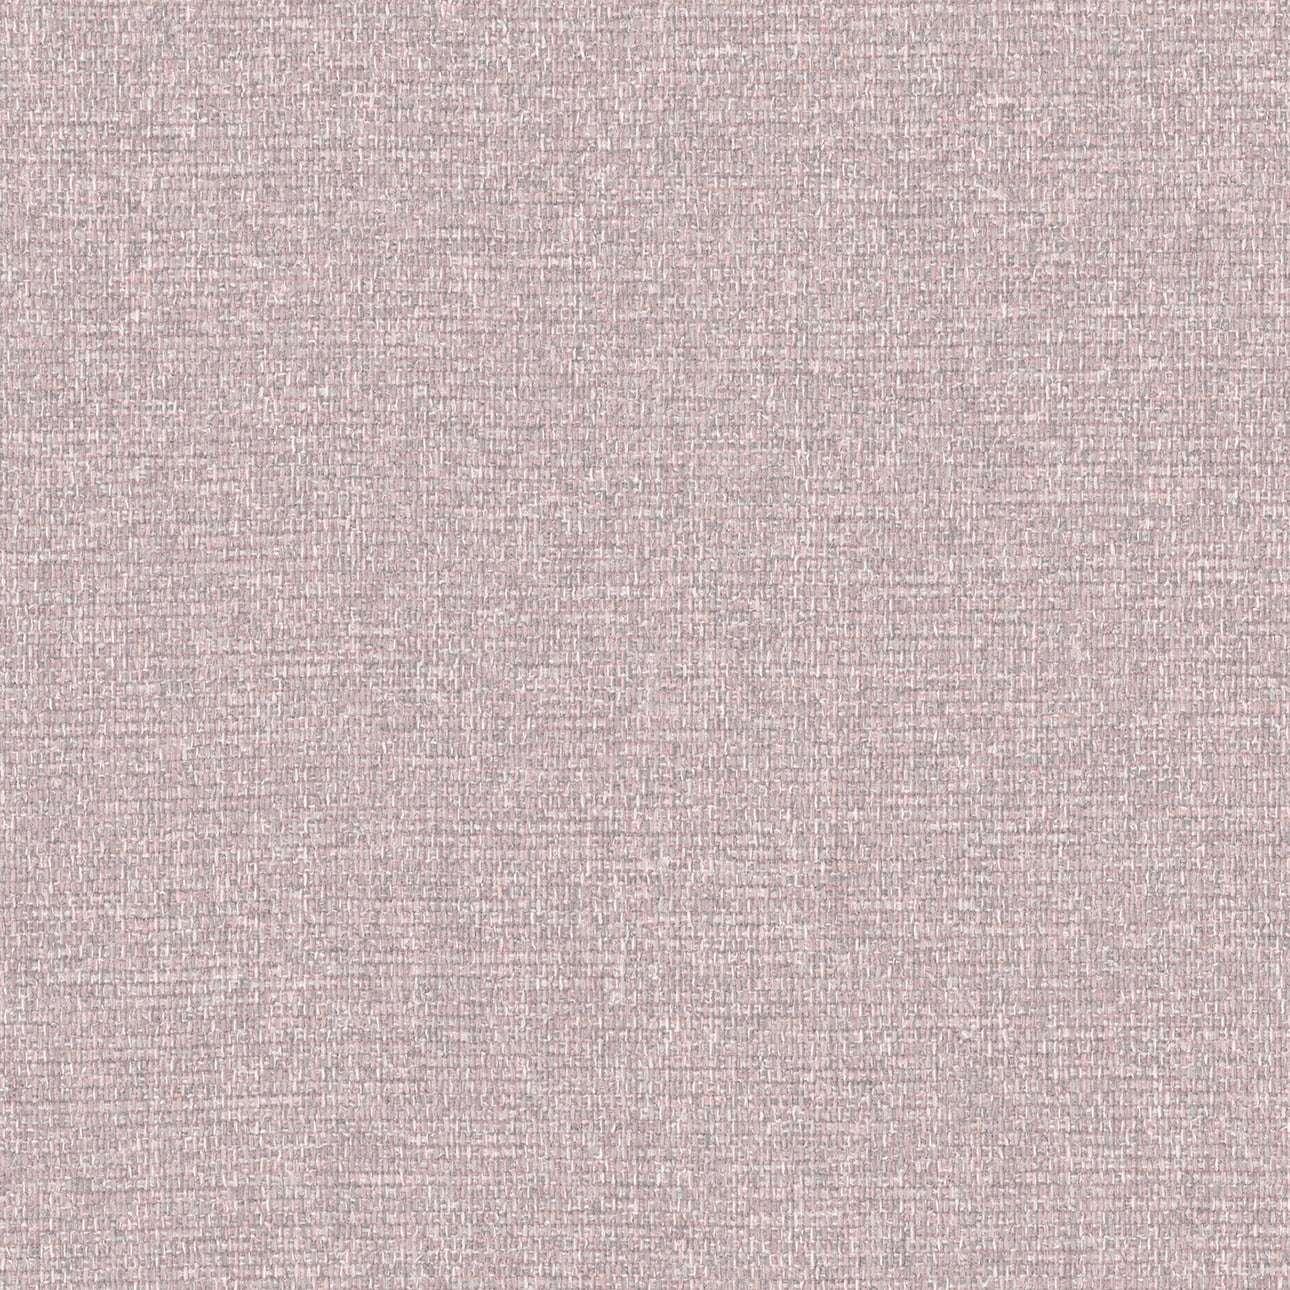 Pokrowiec na szezlong Karlstad dostawka, krótki w kolekcji Amsterdam, tkanina: 704-51